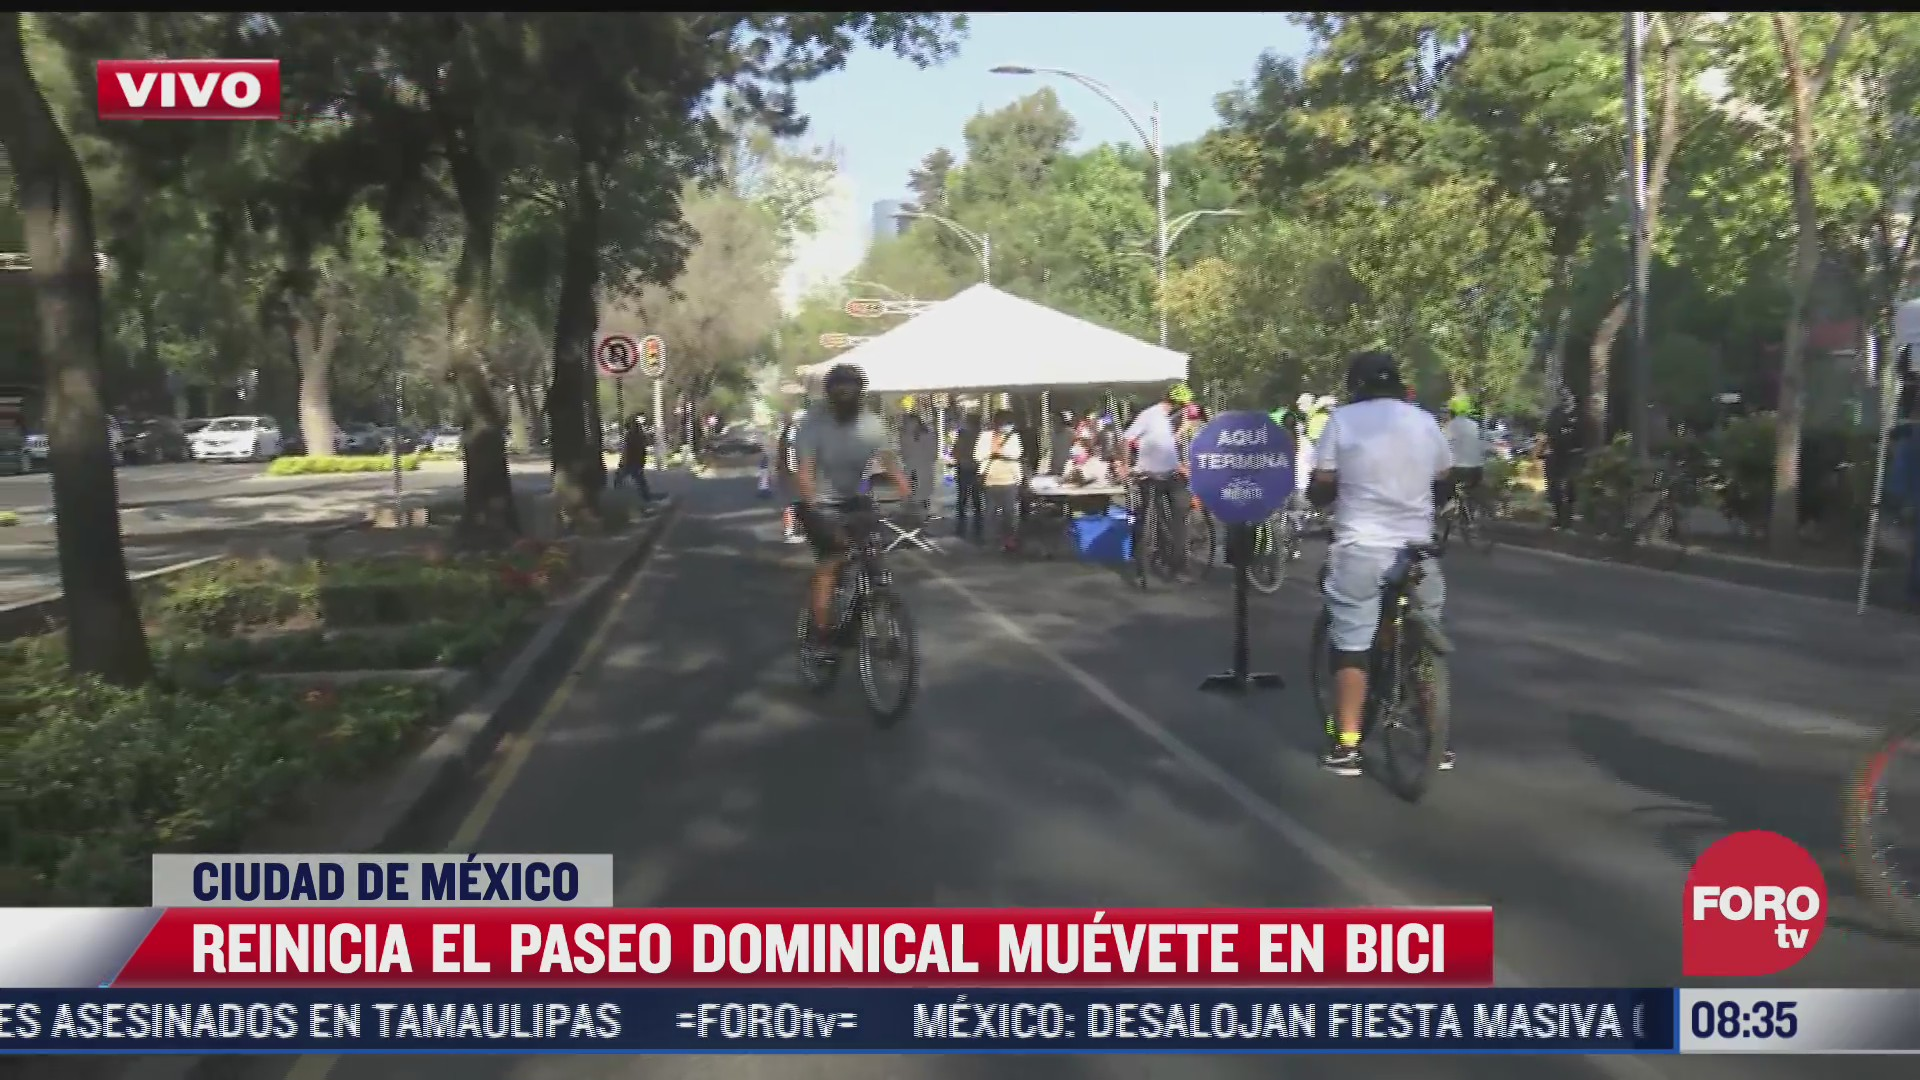 reinicia el paseo dominical muevete en bici con uso de cubrebocas obligatorio